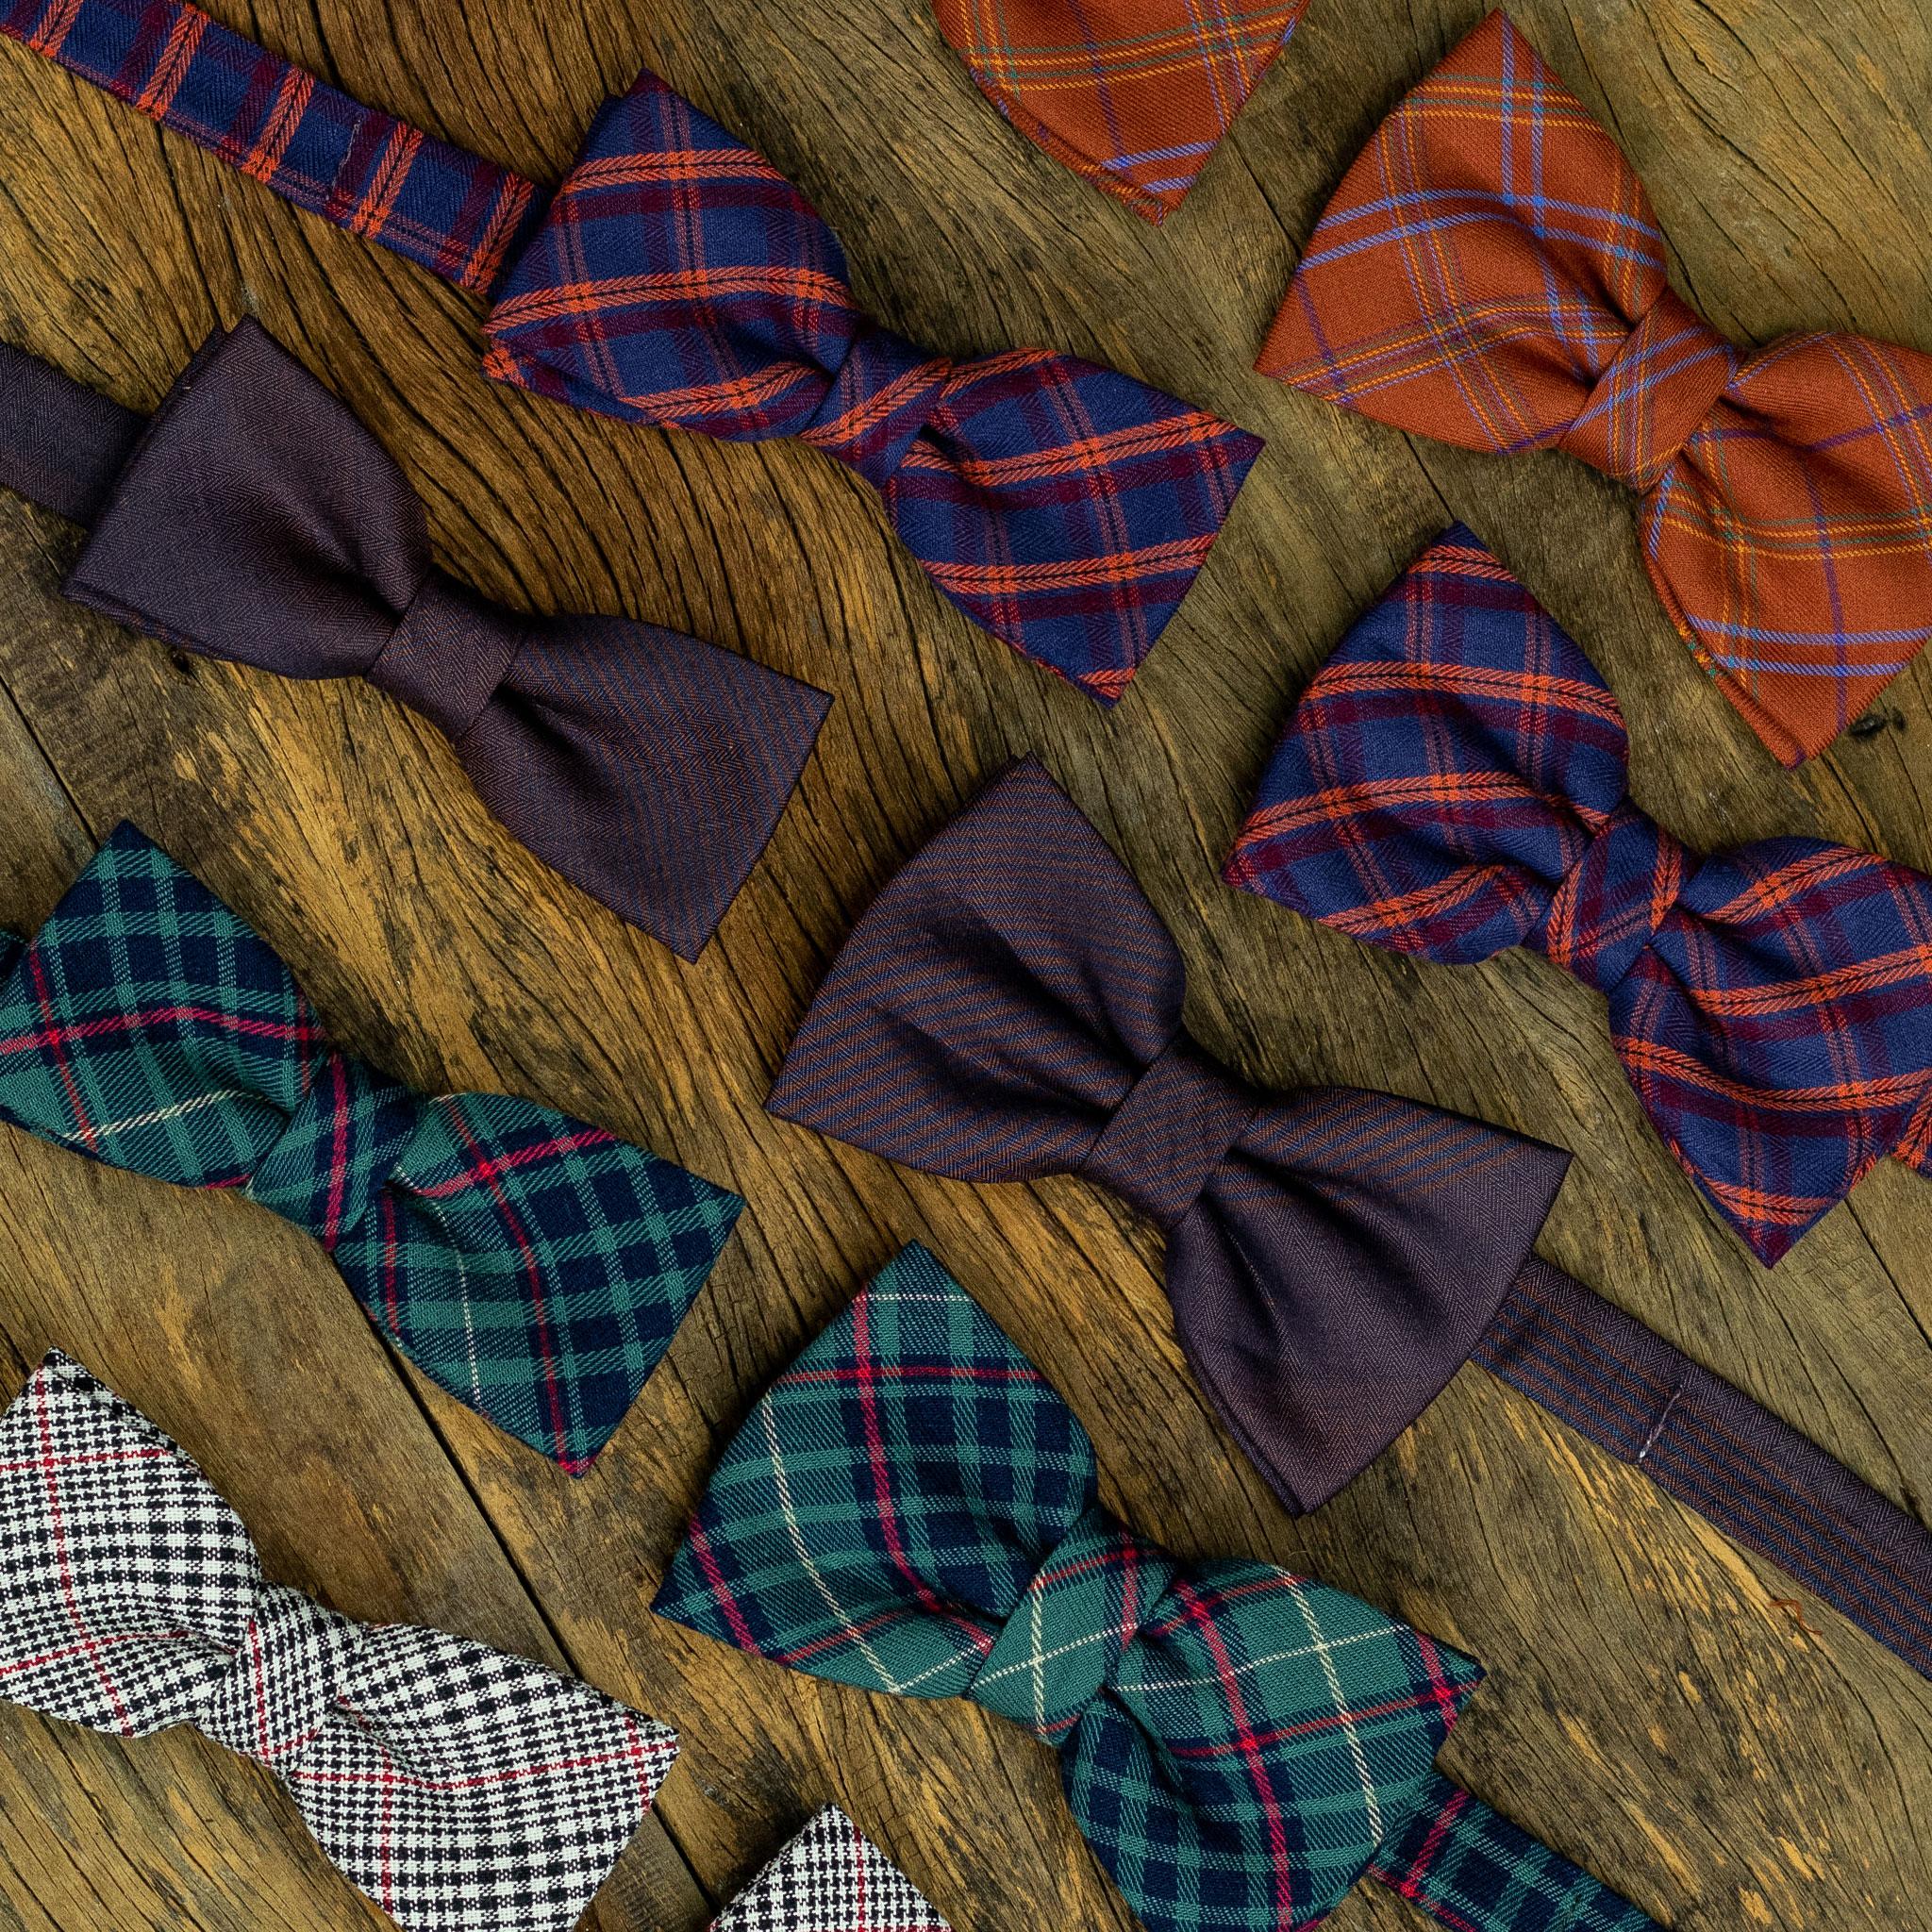 Gravata borboleta slim e gravata borboleta regular